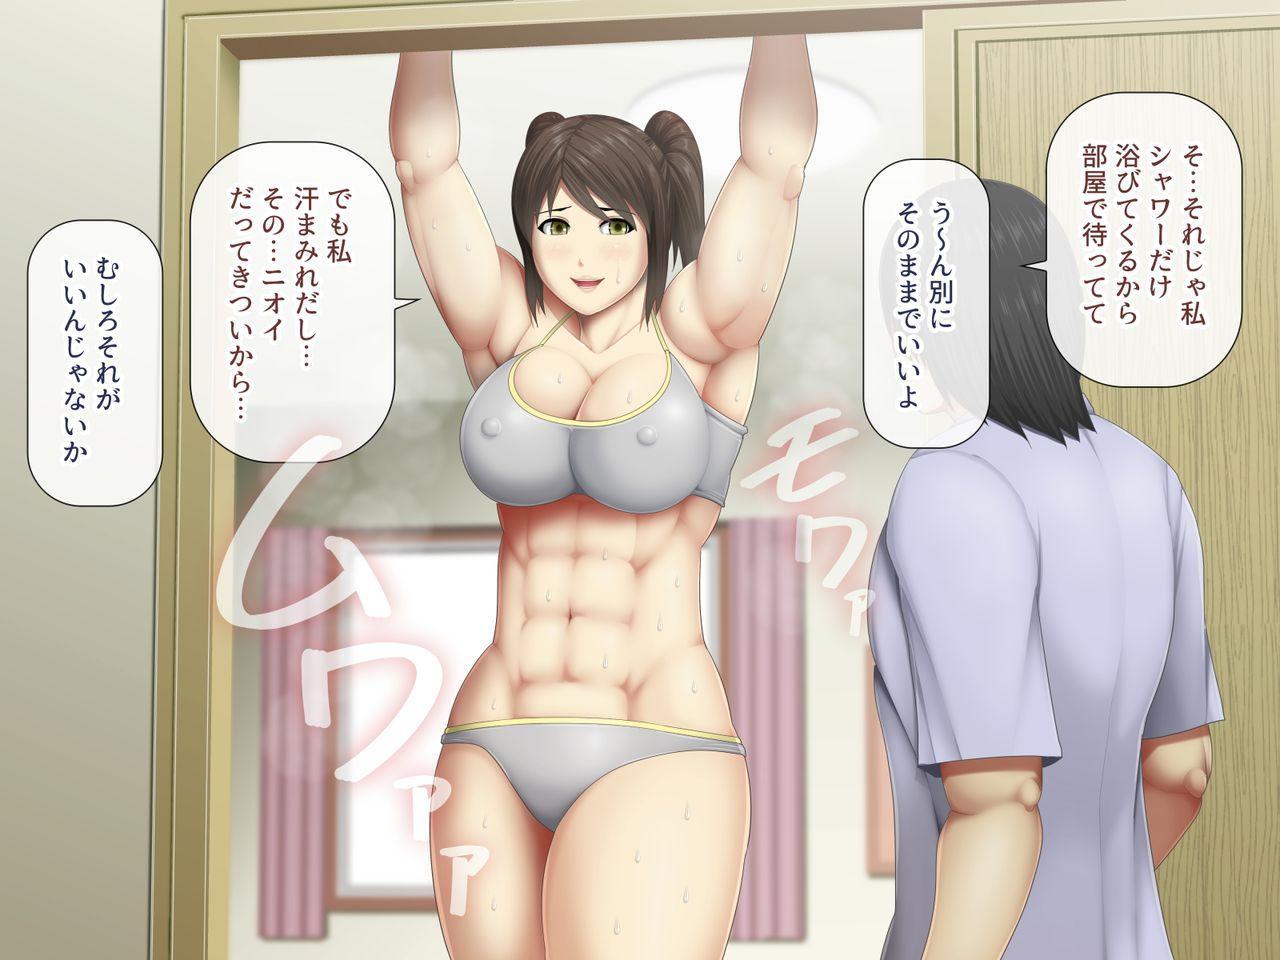 Uchiki na Jyumai ga Ore no Tame ni Karada o Kitaeta Kekka 42